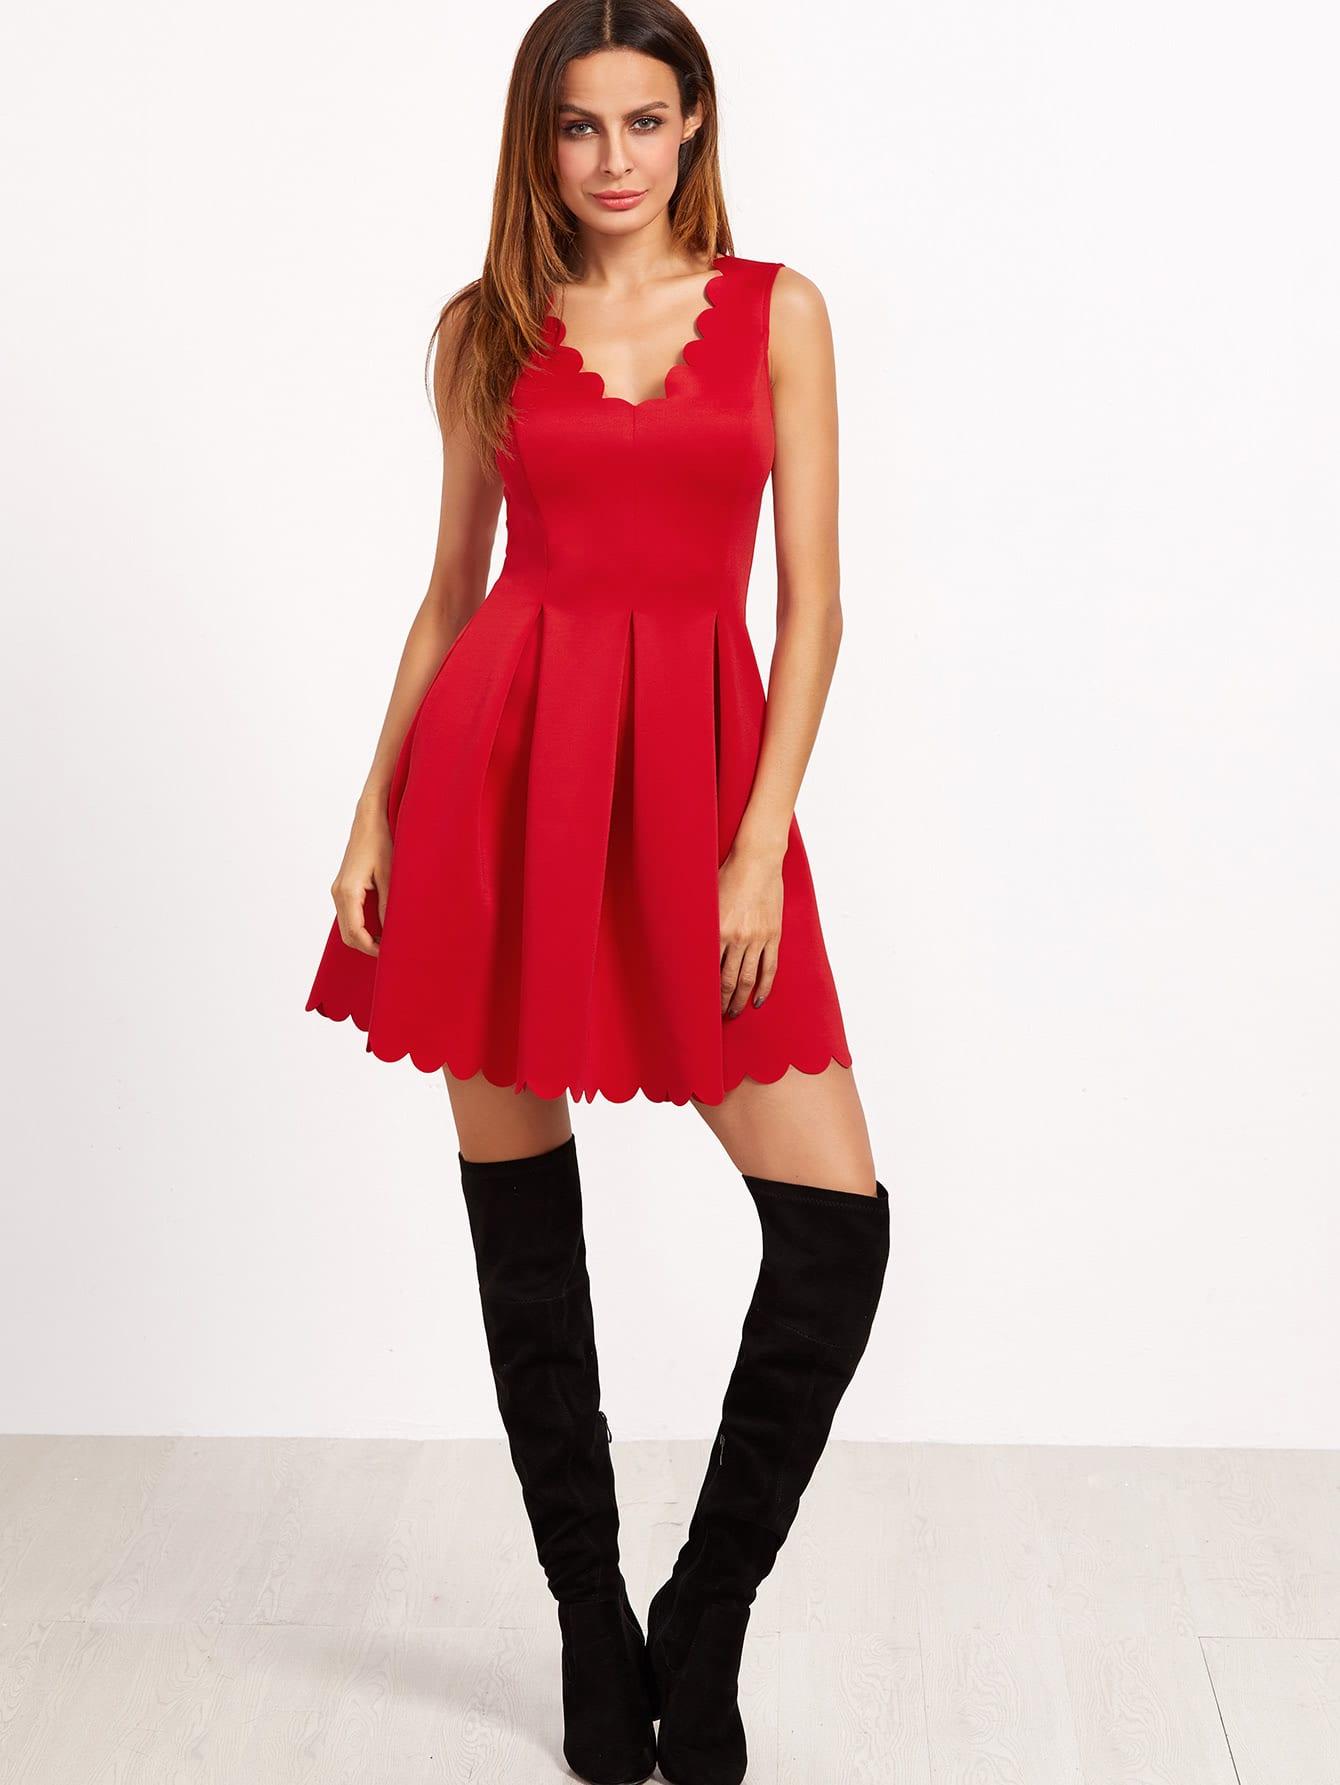 dress161122710_2